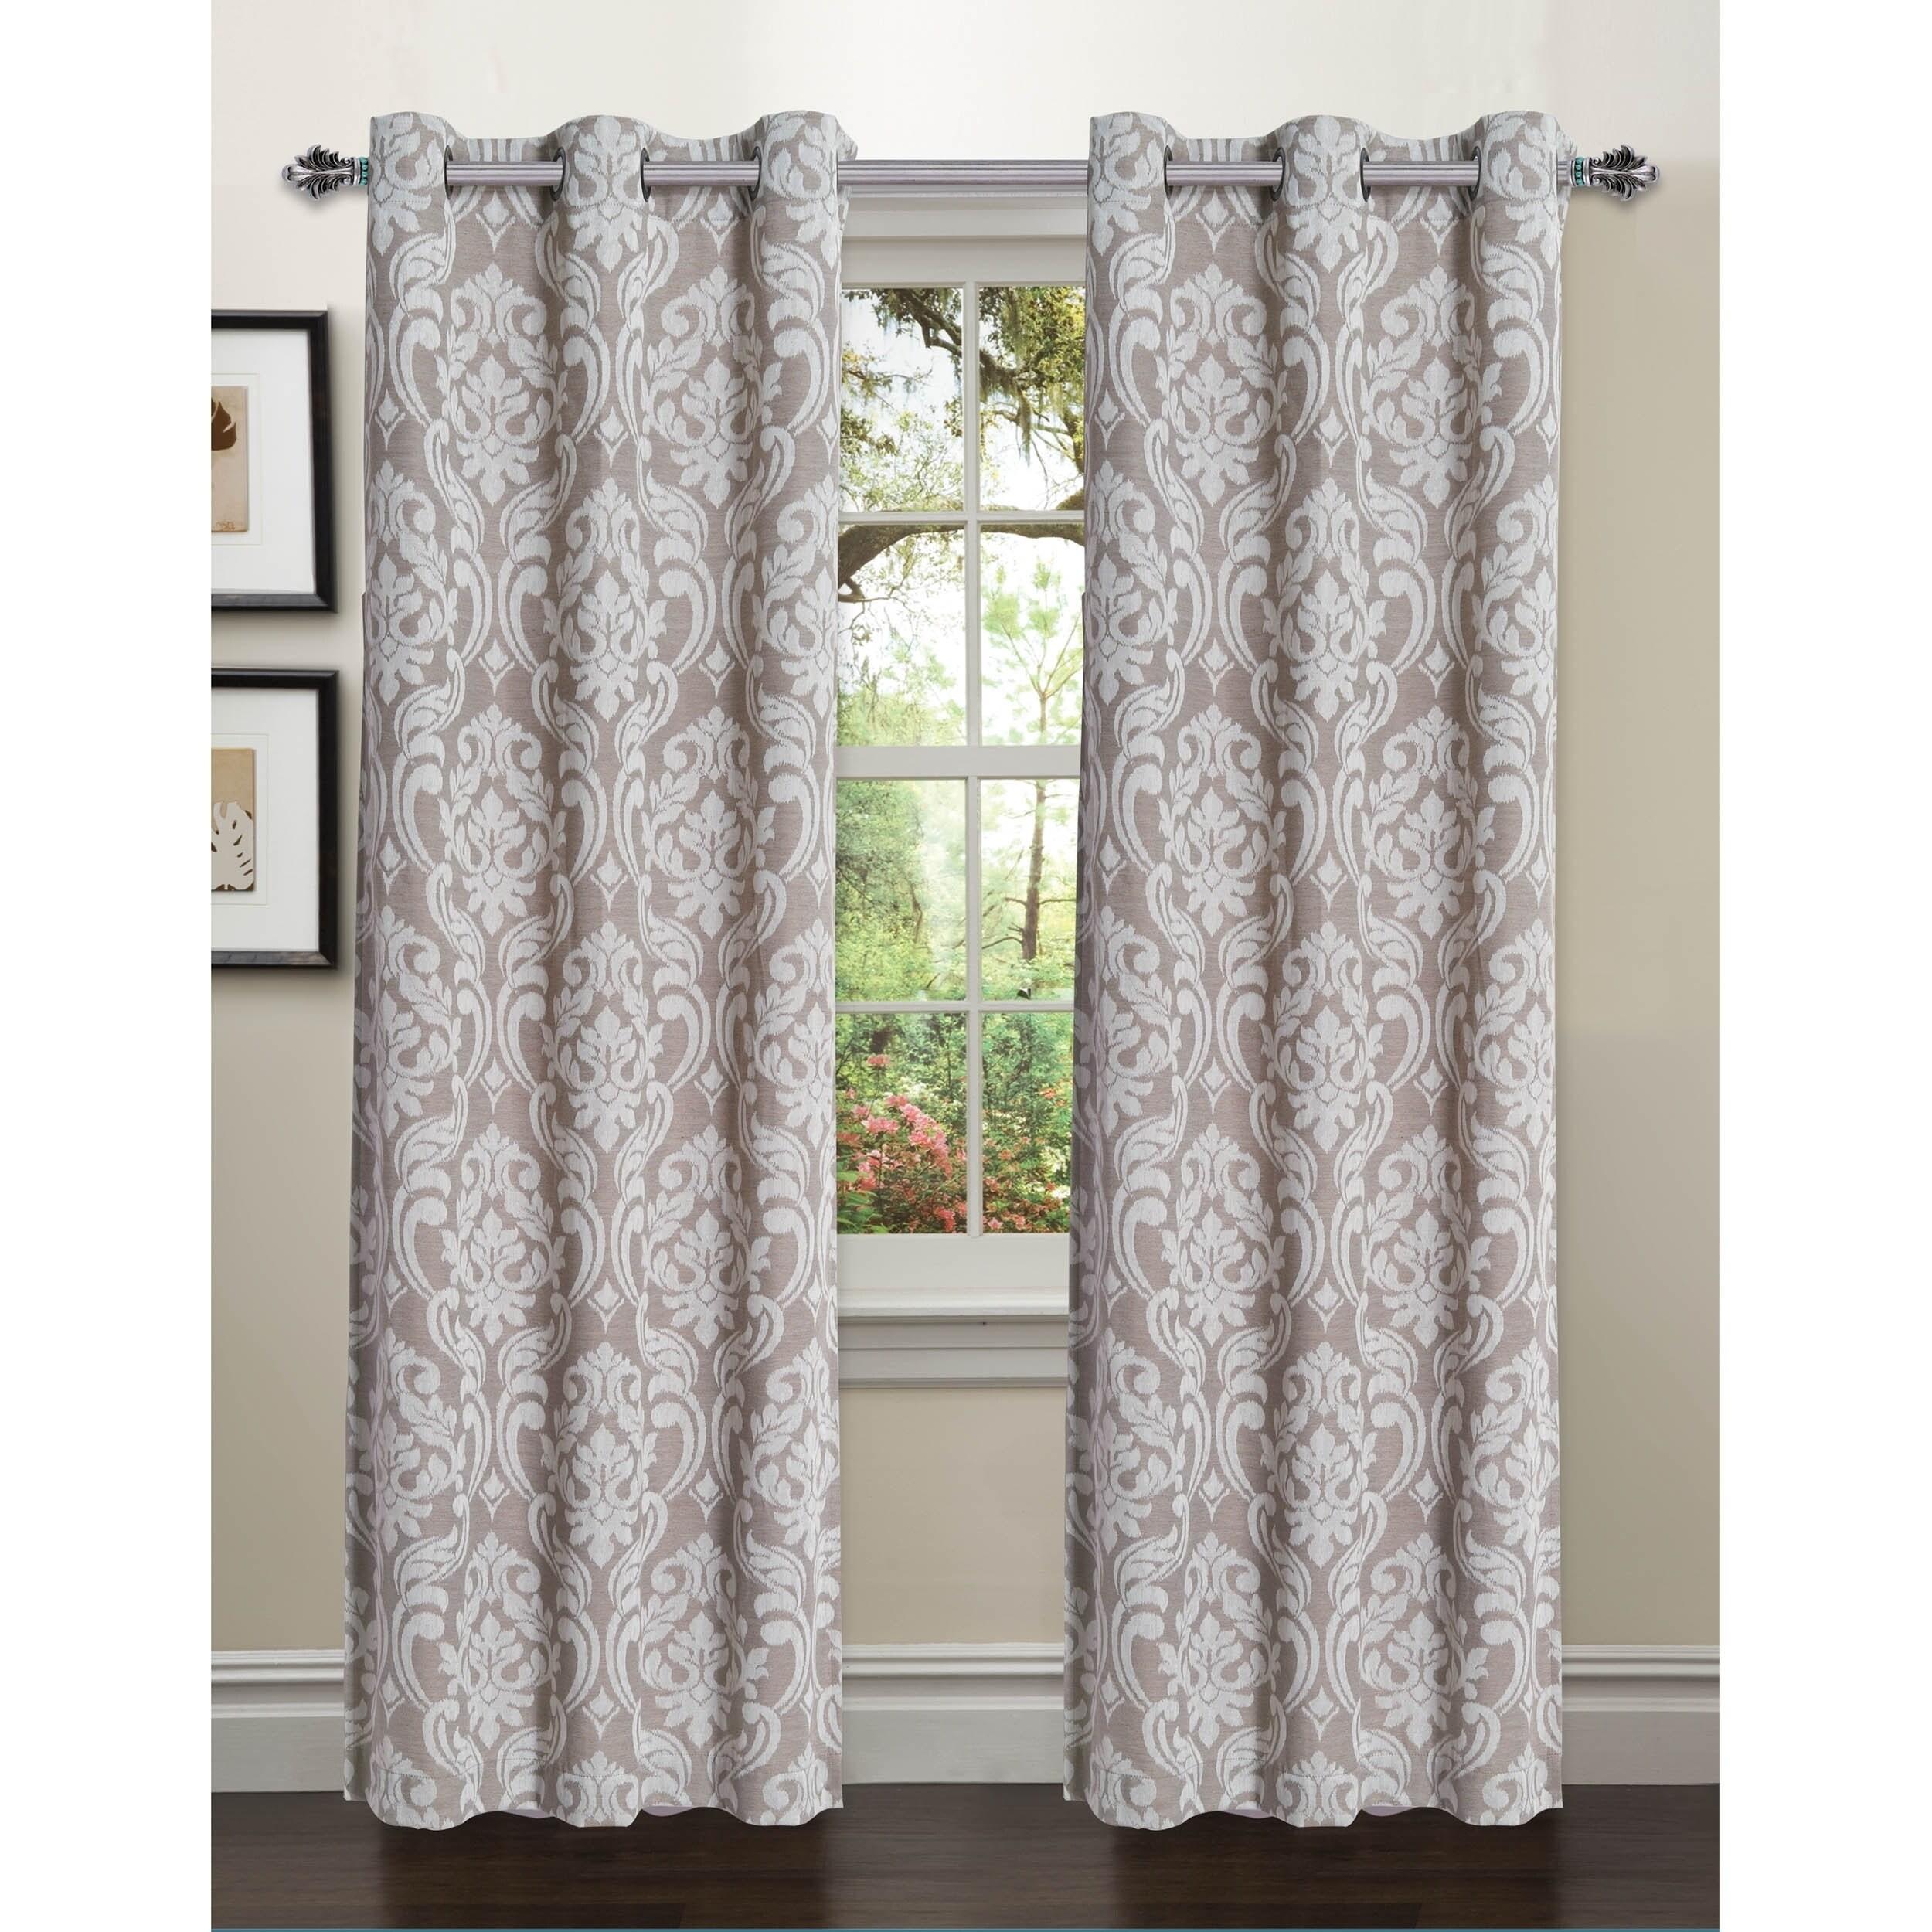 Shop Elinor Linen Blend Jacquard 96 Inch Grommet Curtain Panel Pair